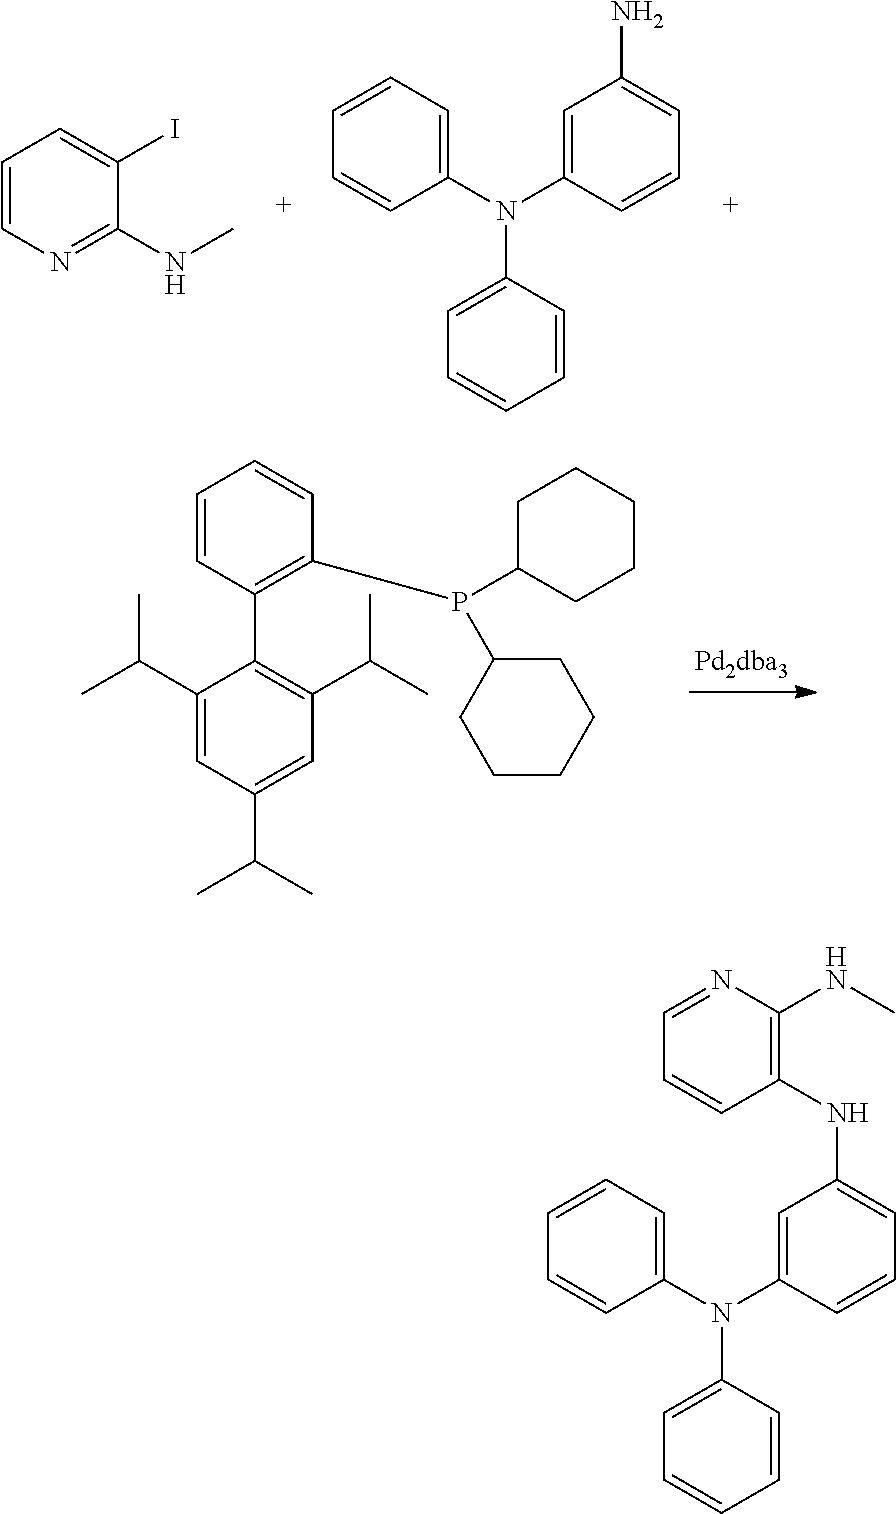 Figure US09972793-20180515-C00280